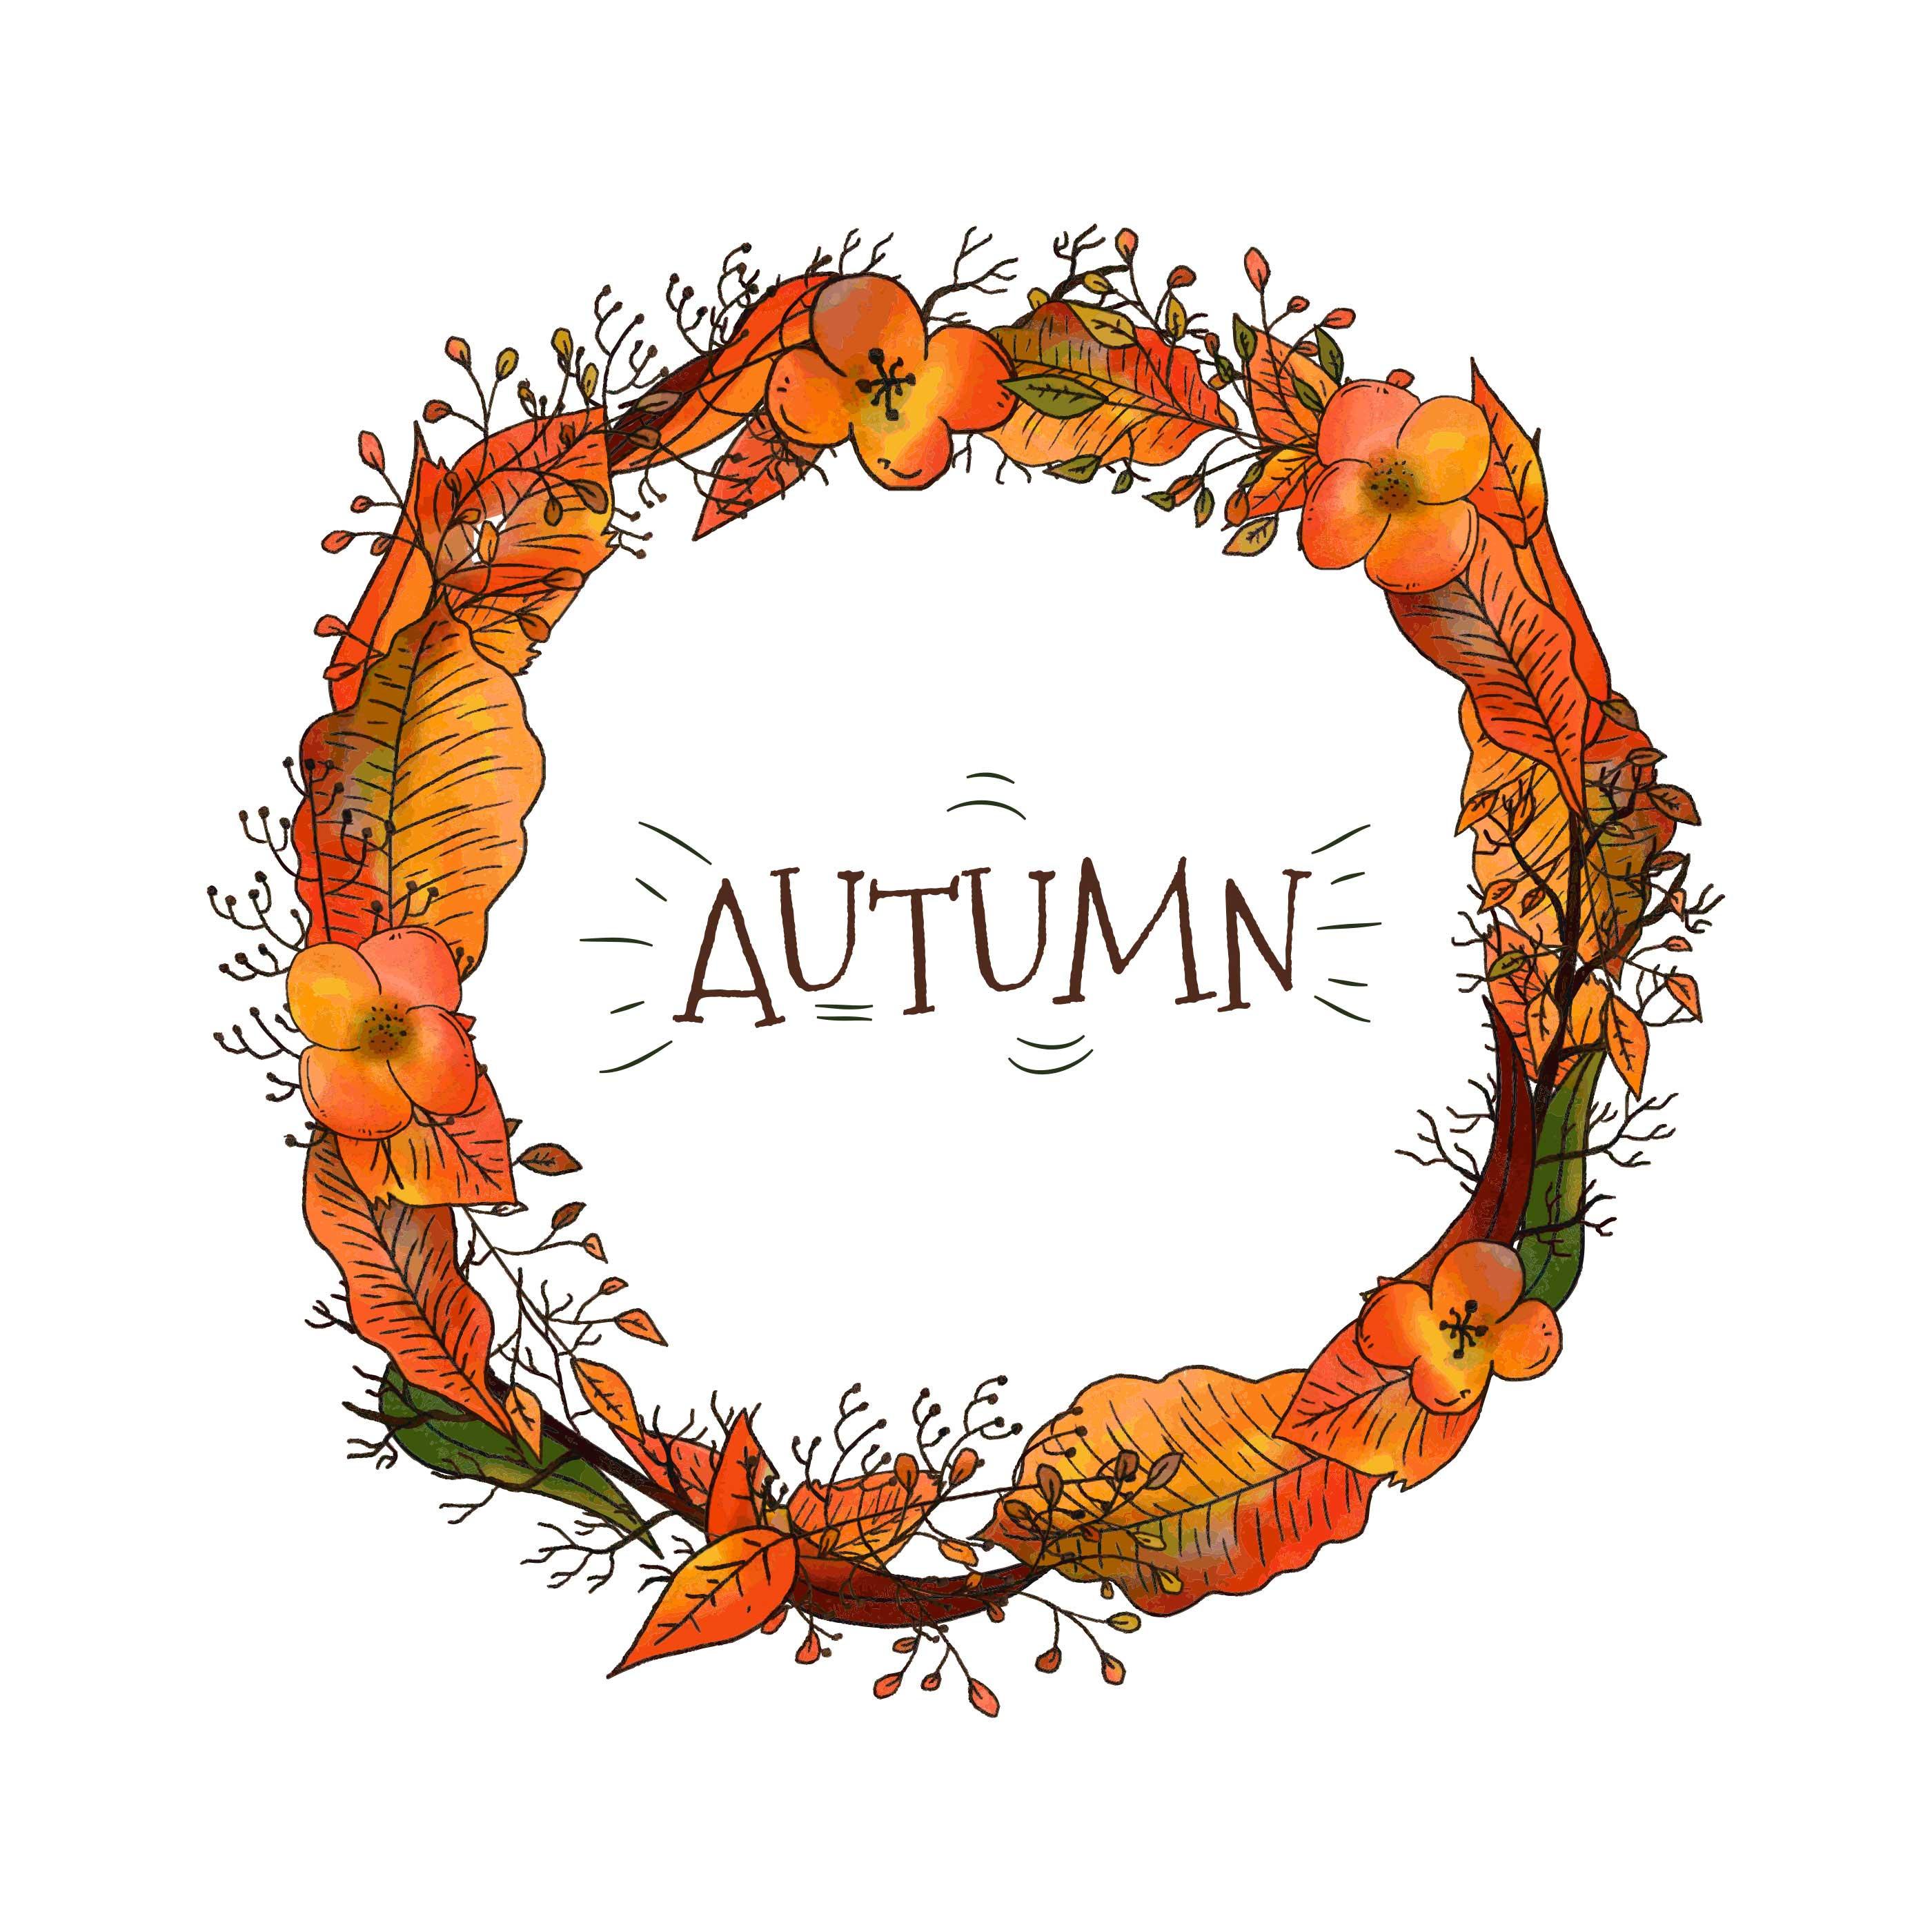 Corona de otoño con hojas y flores - Descargue Gráficos y ...